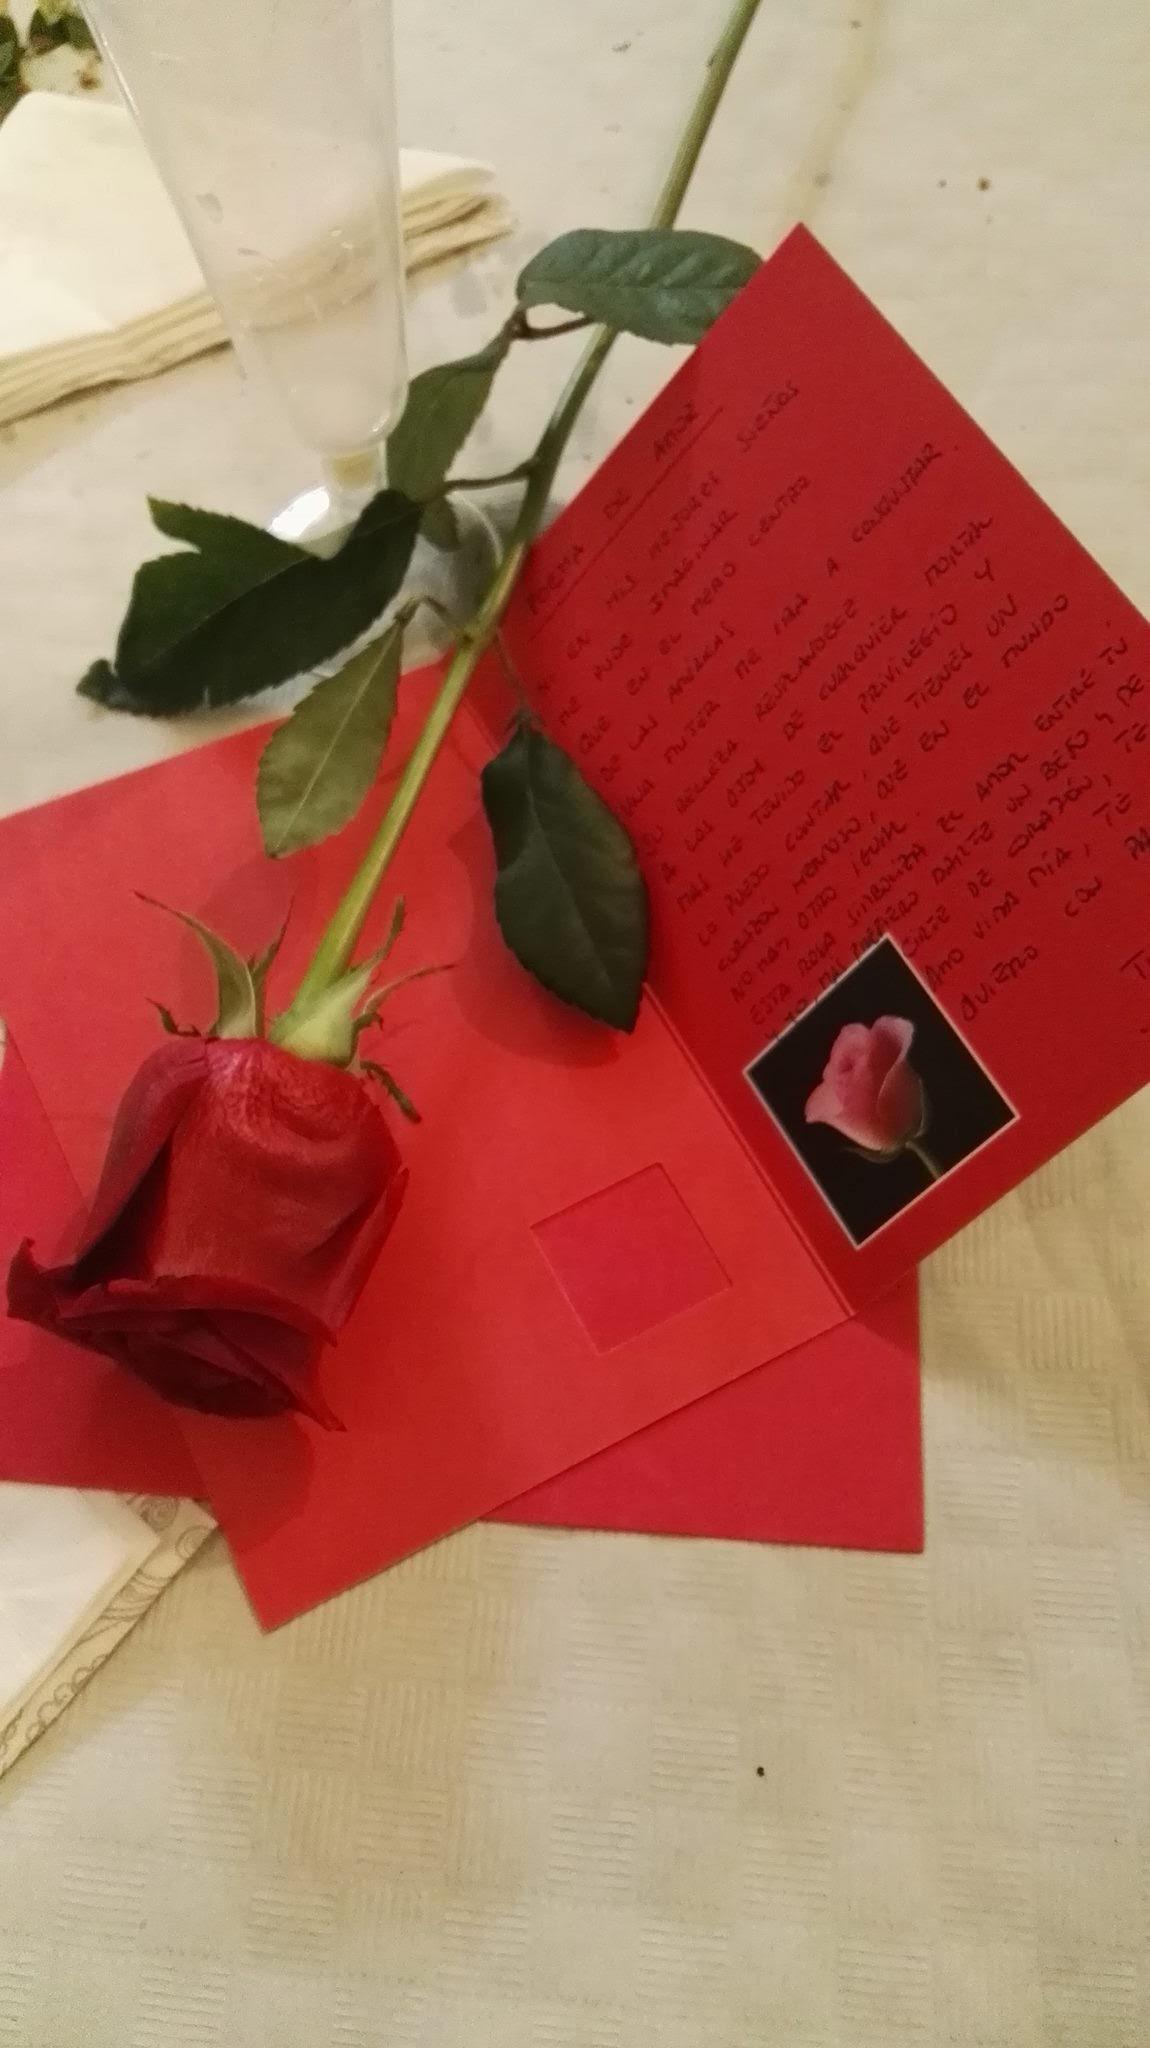 2016.01.28 - Cena San Valentín adelantada (4).jpg